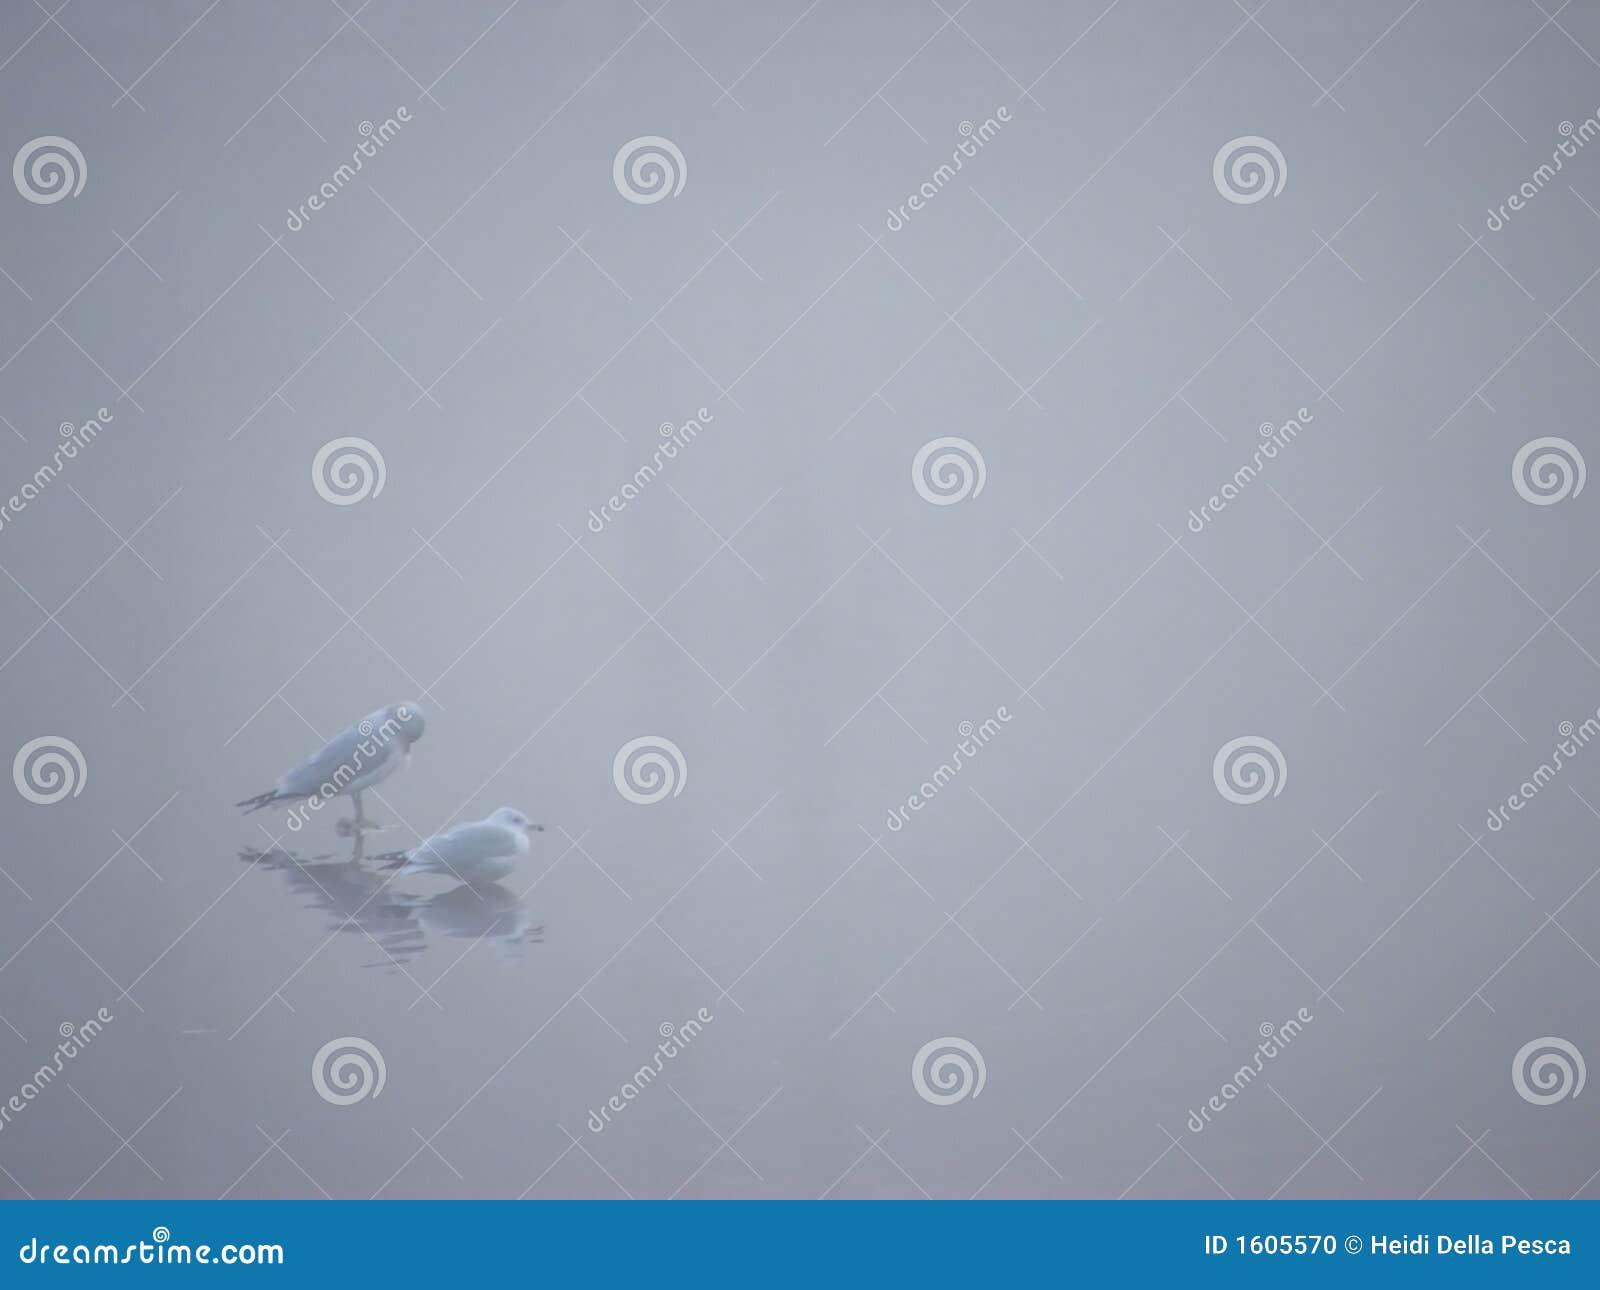 Birds in the Mist III